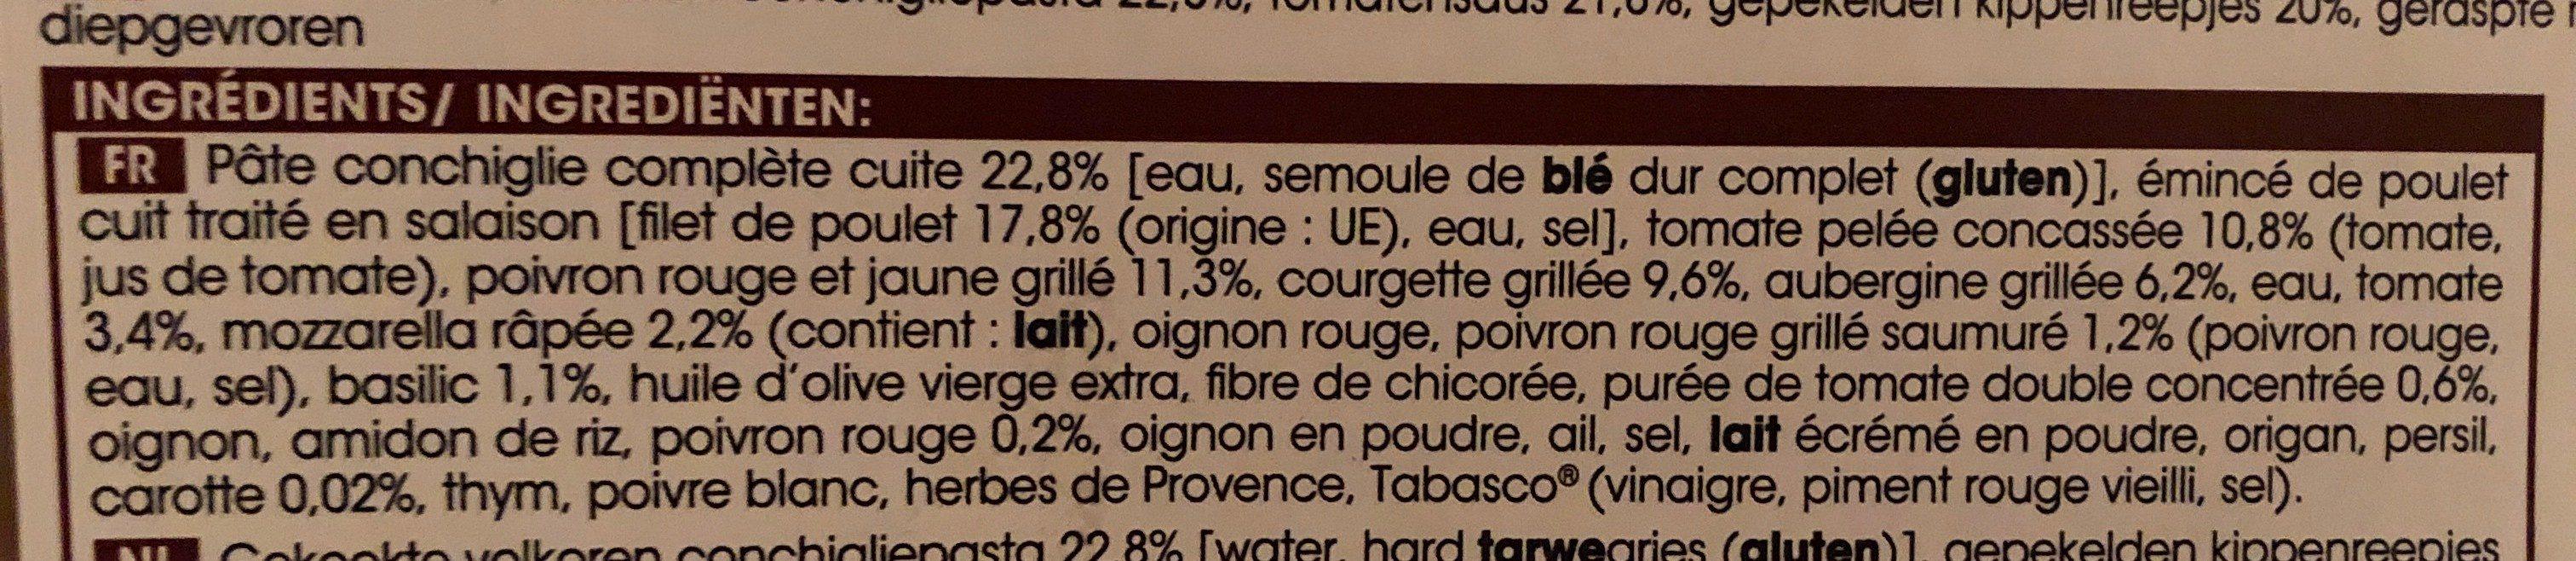 Emincés de poulet +équilibre - Ingredients - fr